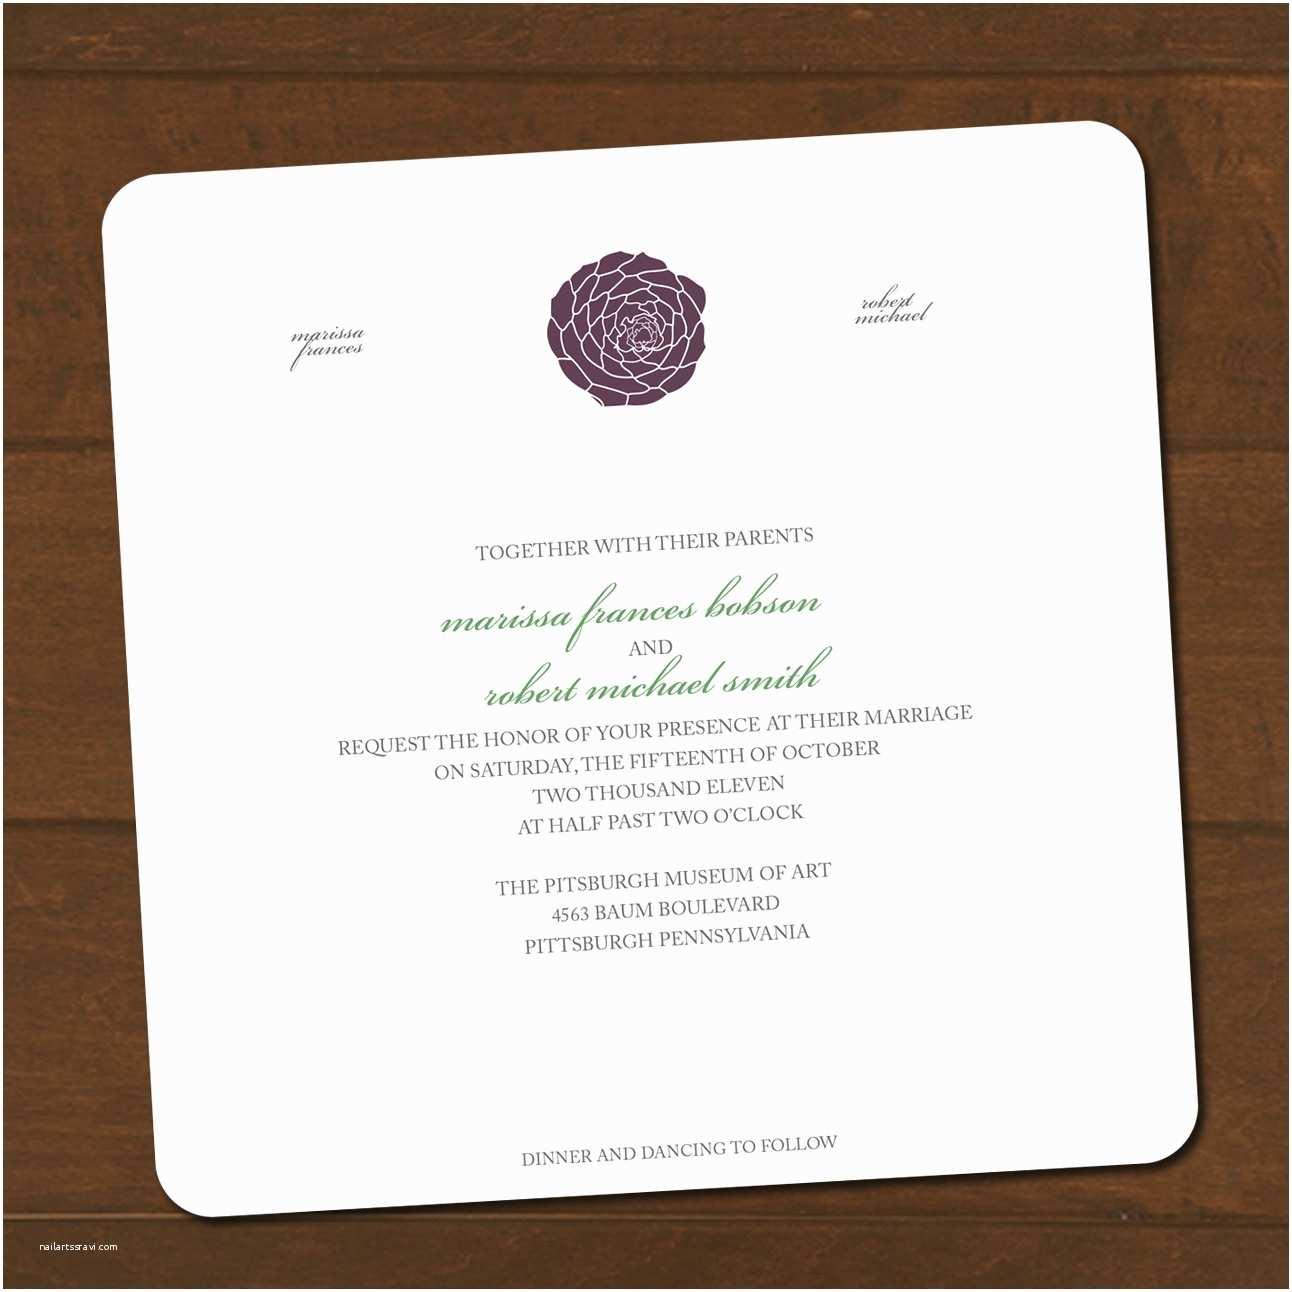 Wedding Invitation Enclosures Succulent Wedding Invitation & Enclosure by thepaperplume